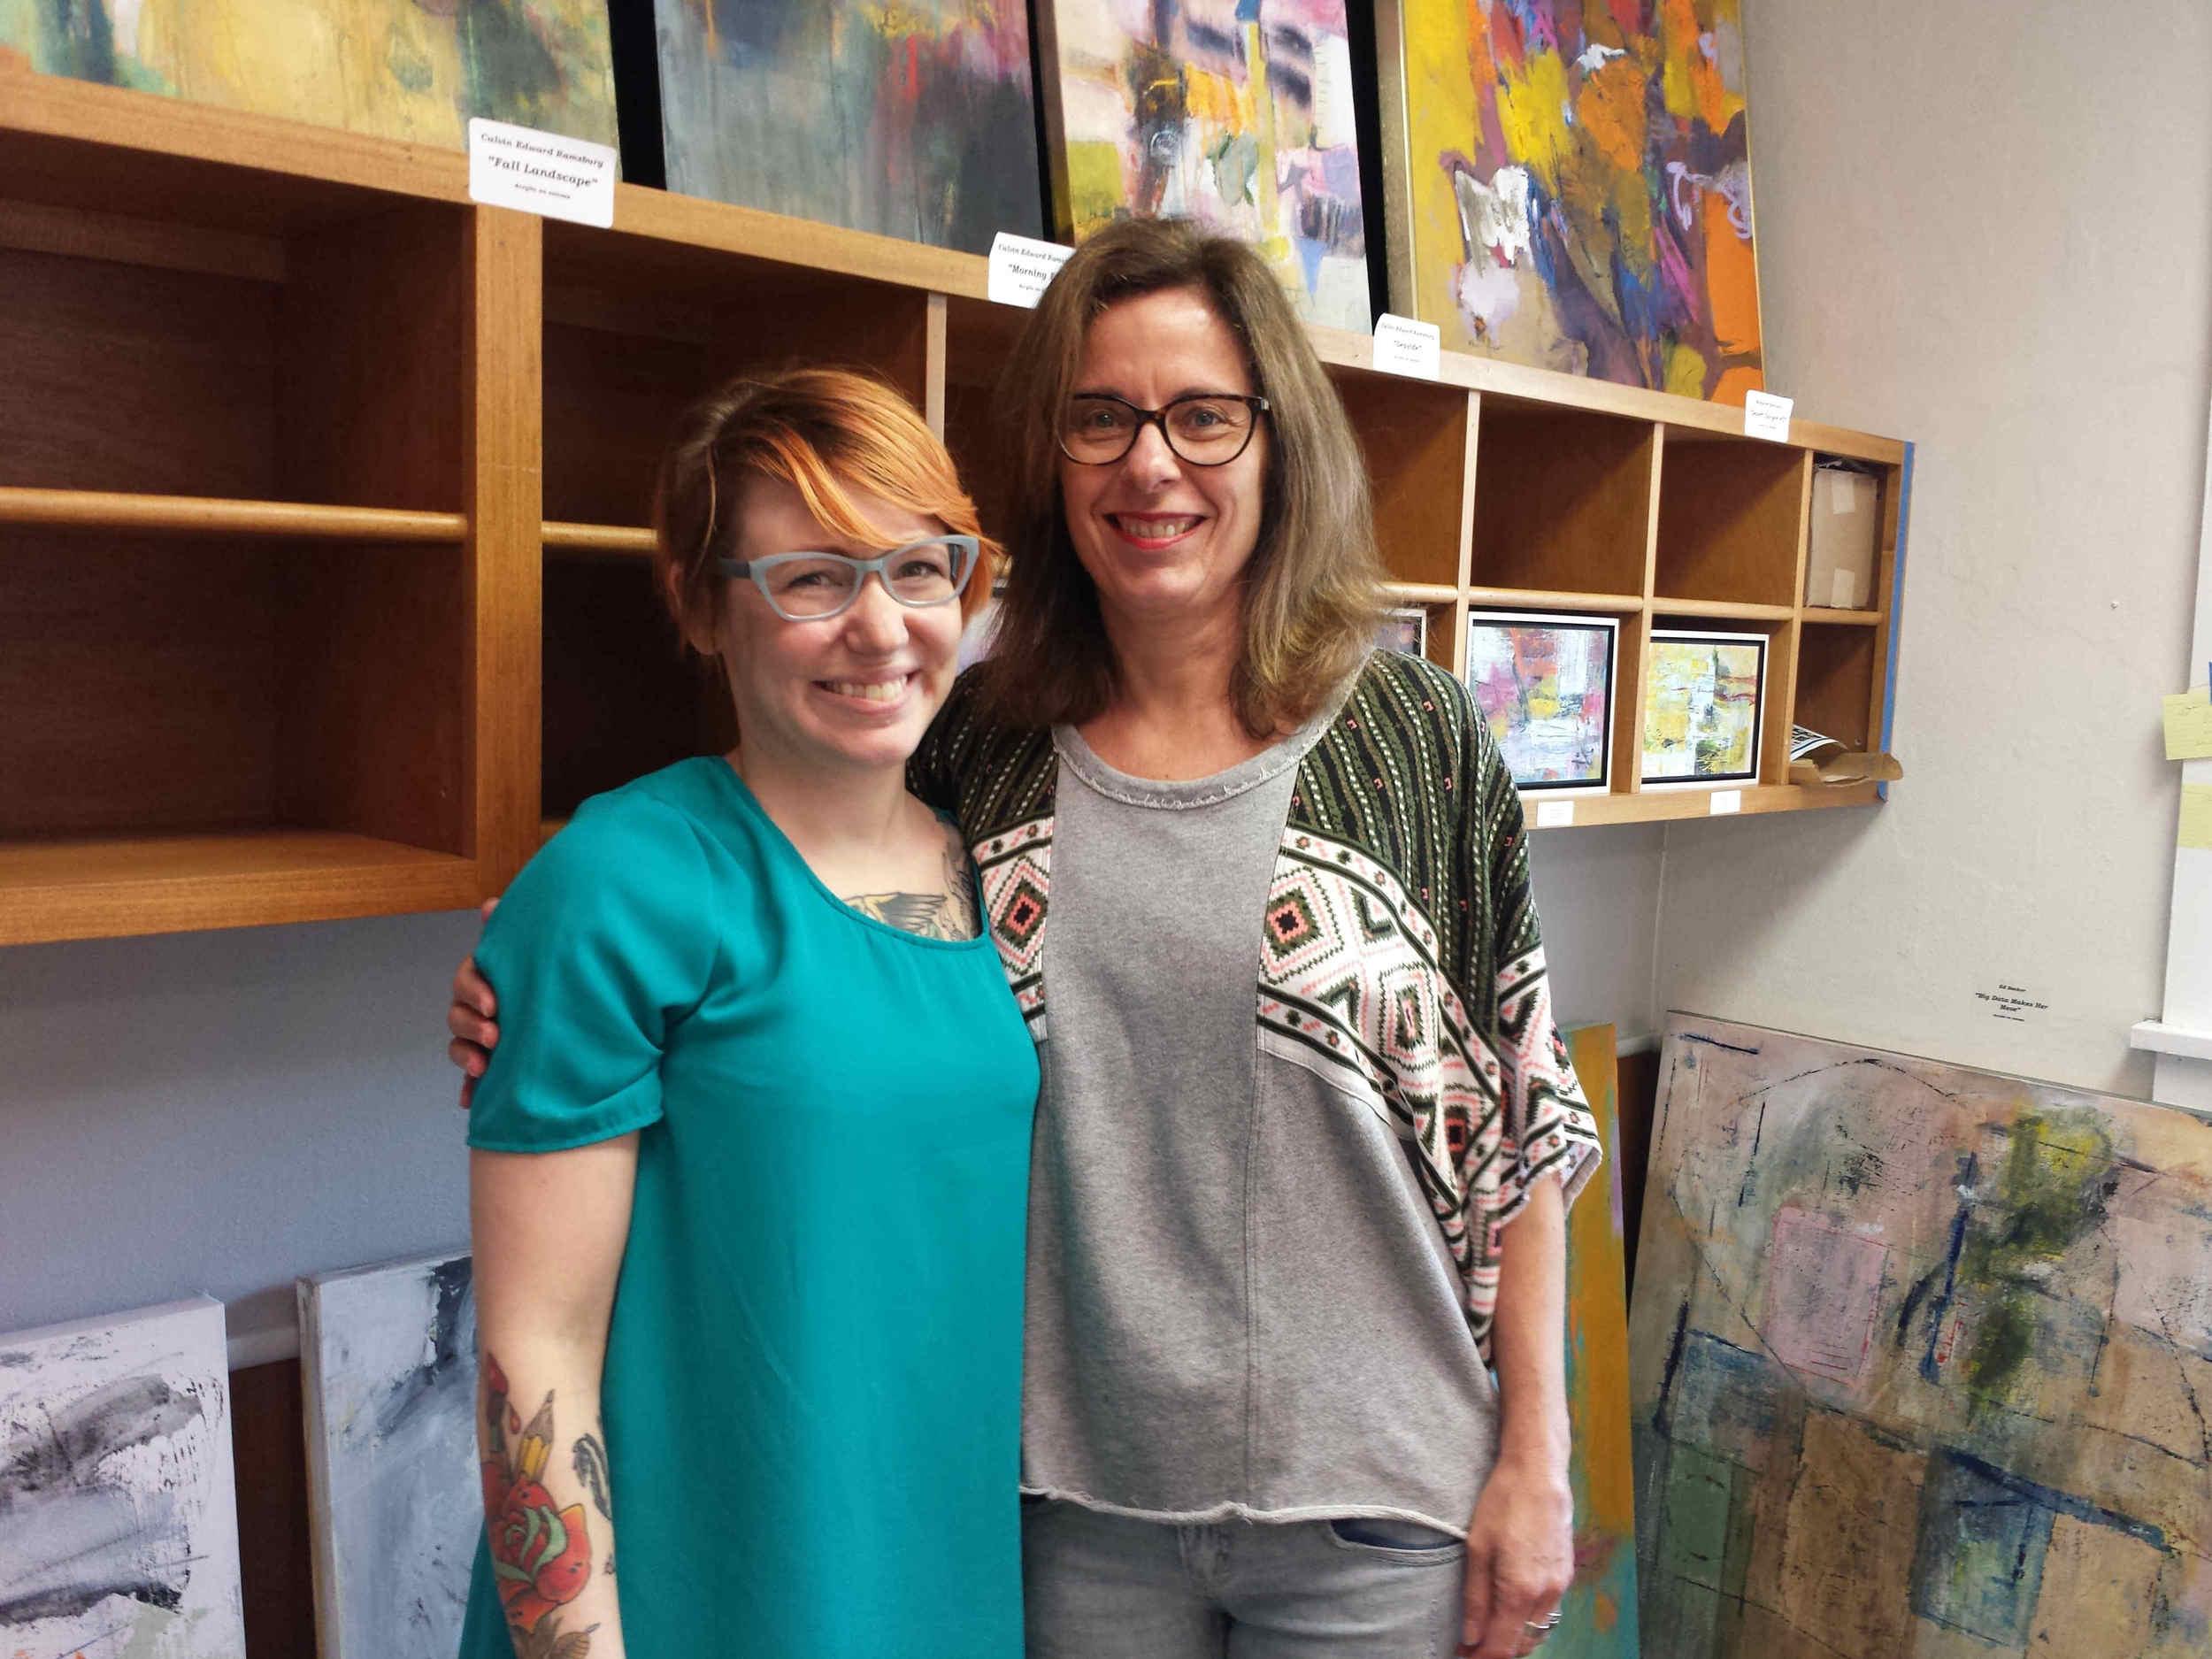 Jennifer and Beth at Artomatic